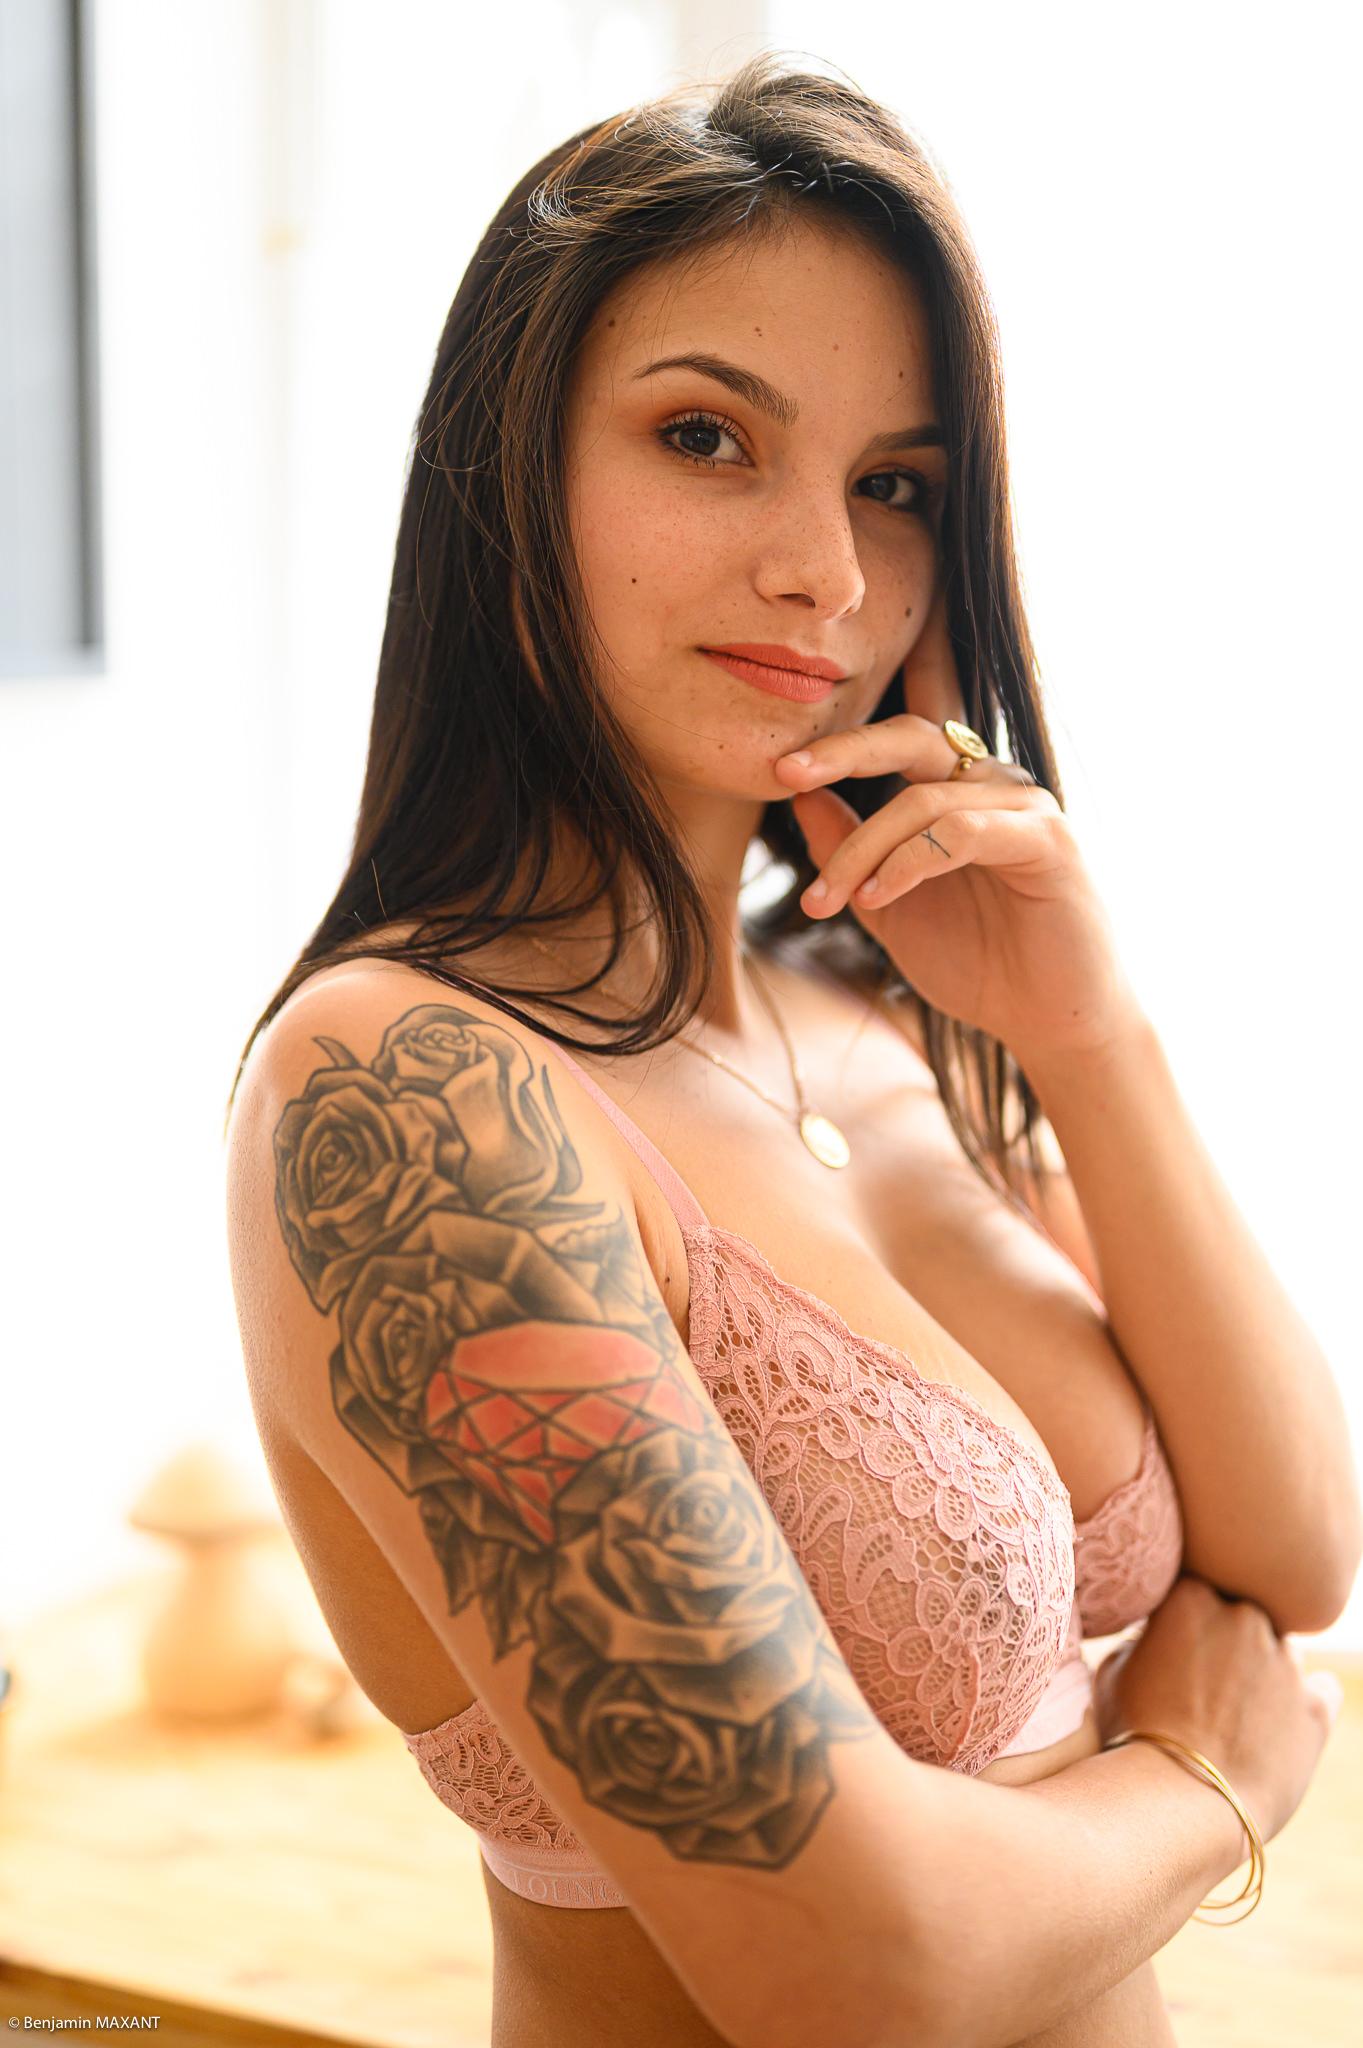 Séance photo boudoir ensemble lingerie rose